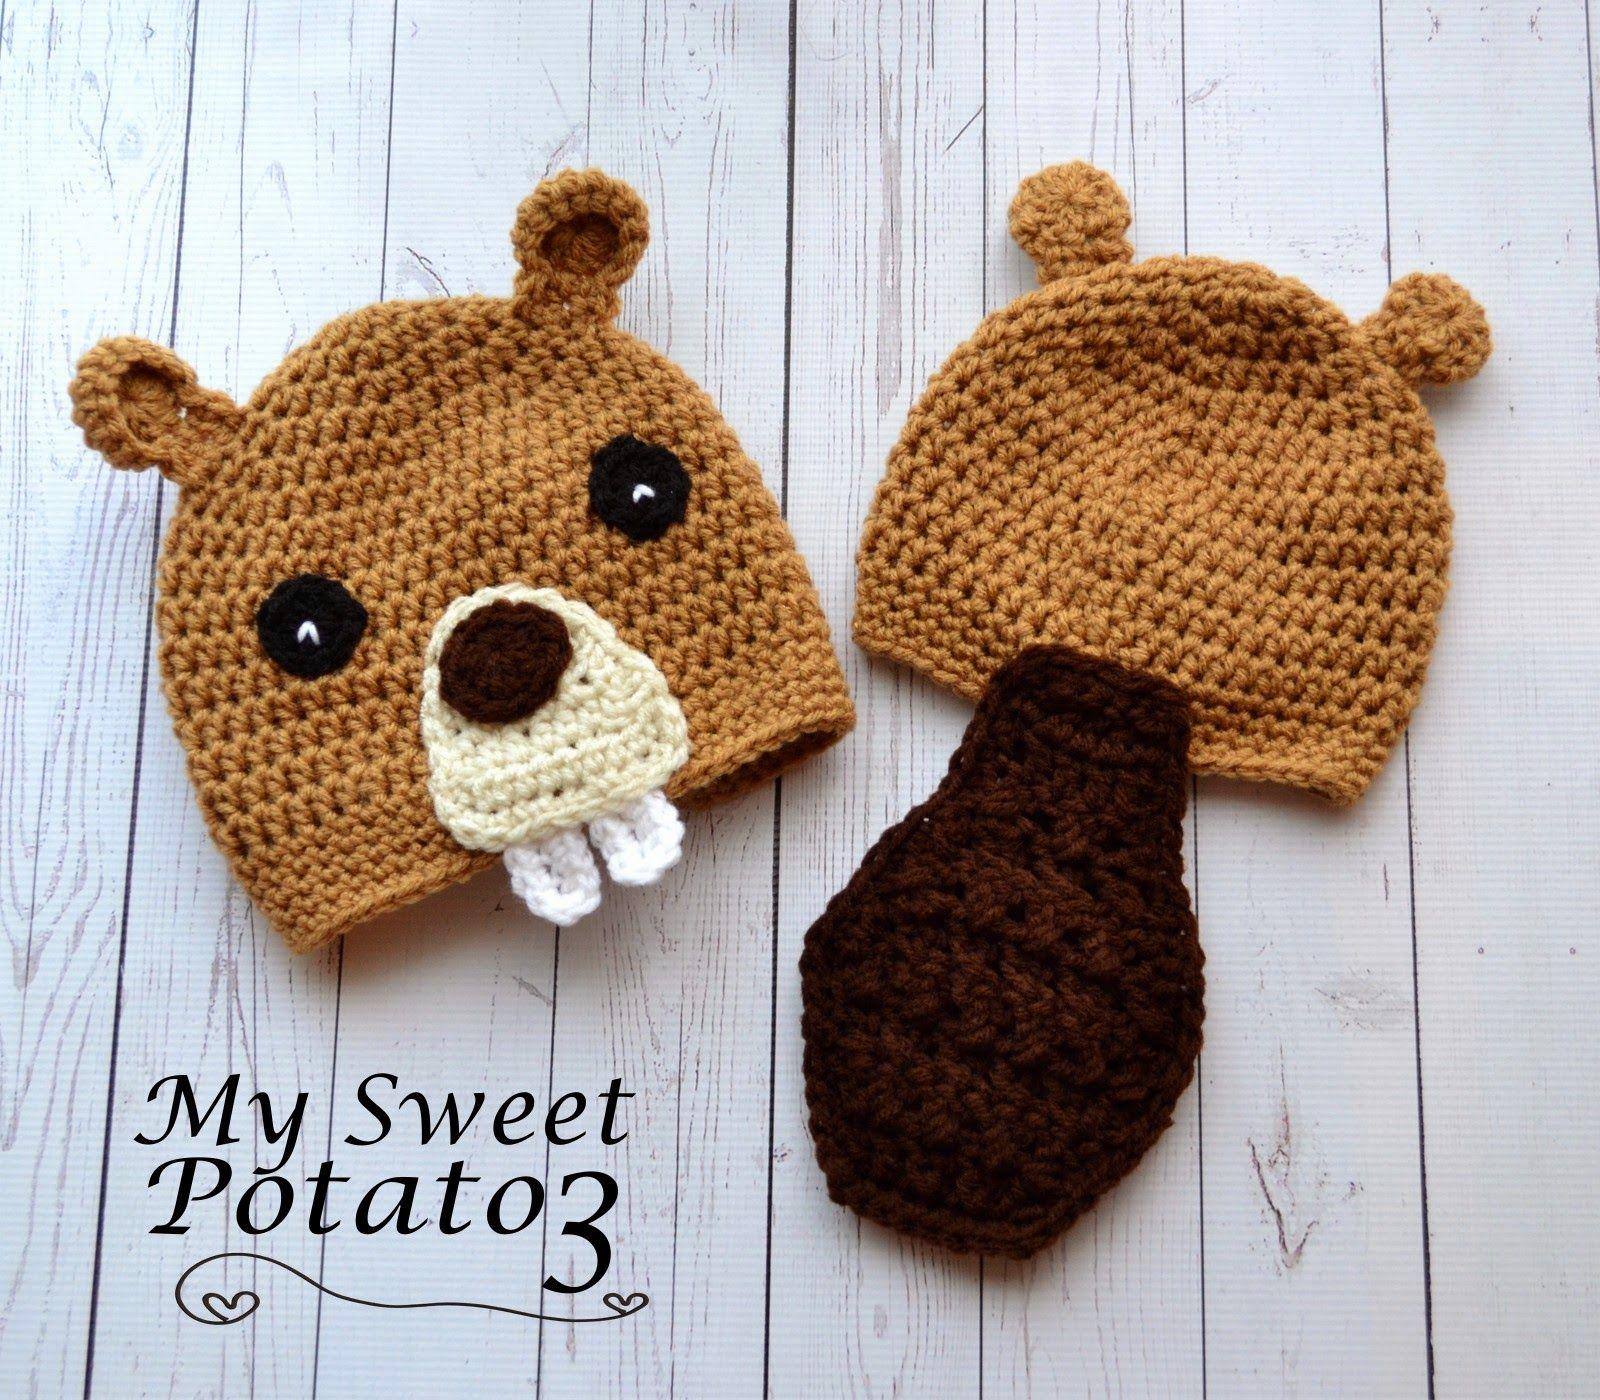 My Sweet Potato 3: Crochet Beaver Hat Pattern Release sizes from ...